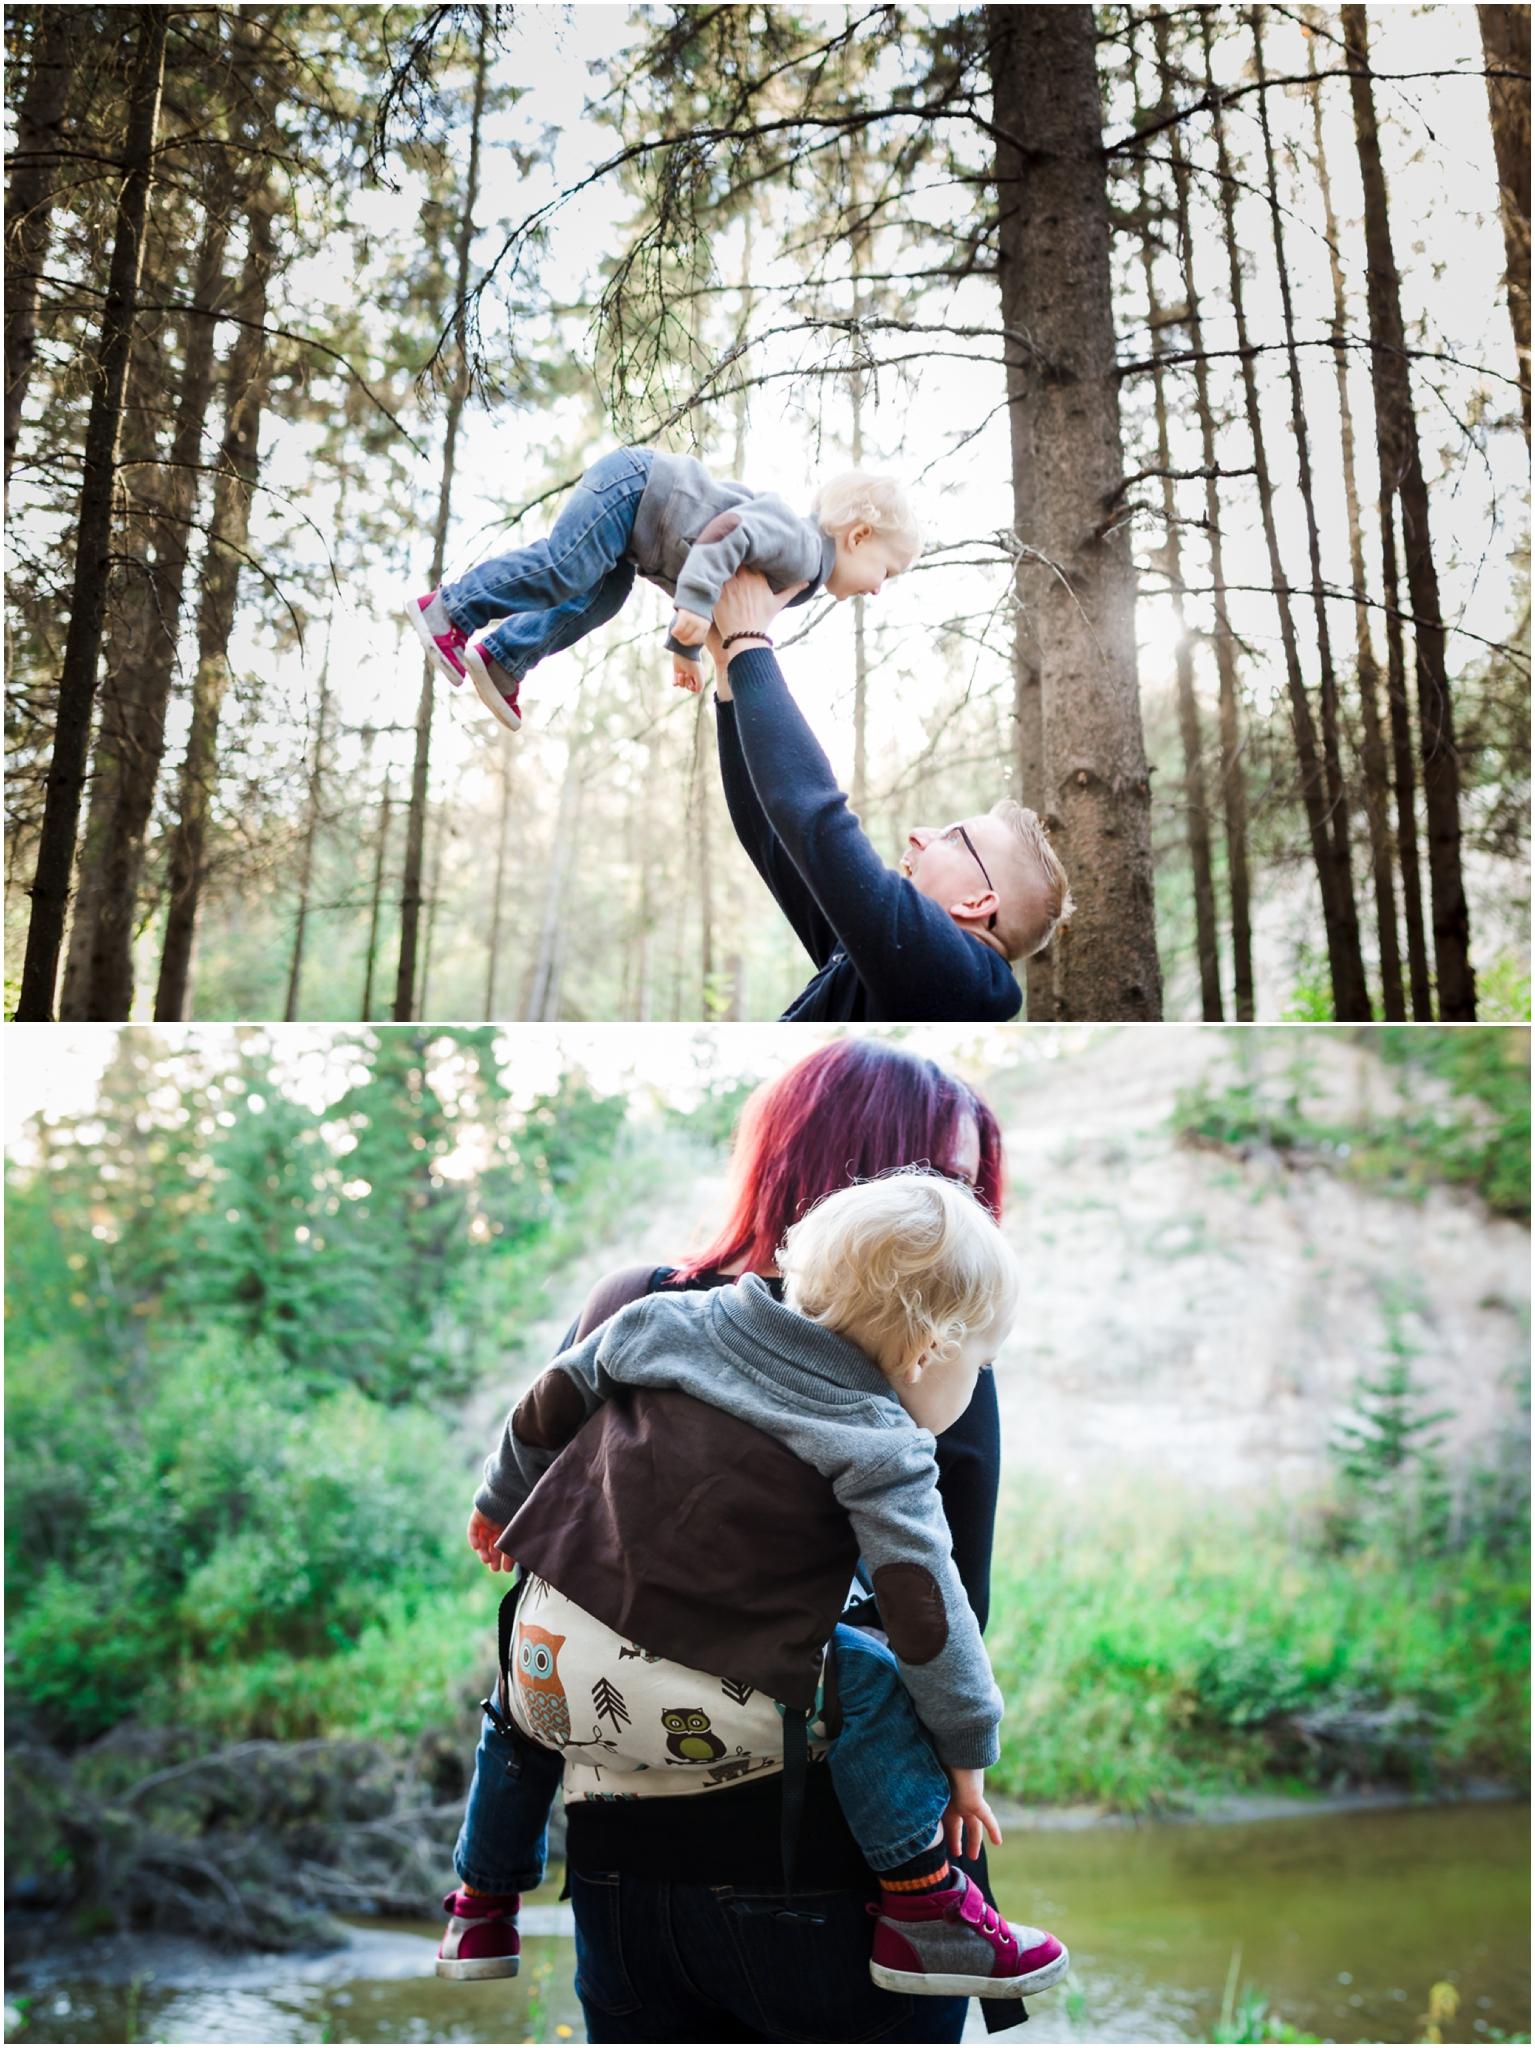 Edmonton Family photographer best of 2016 September